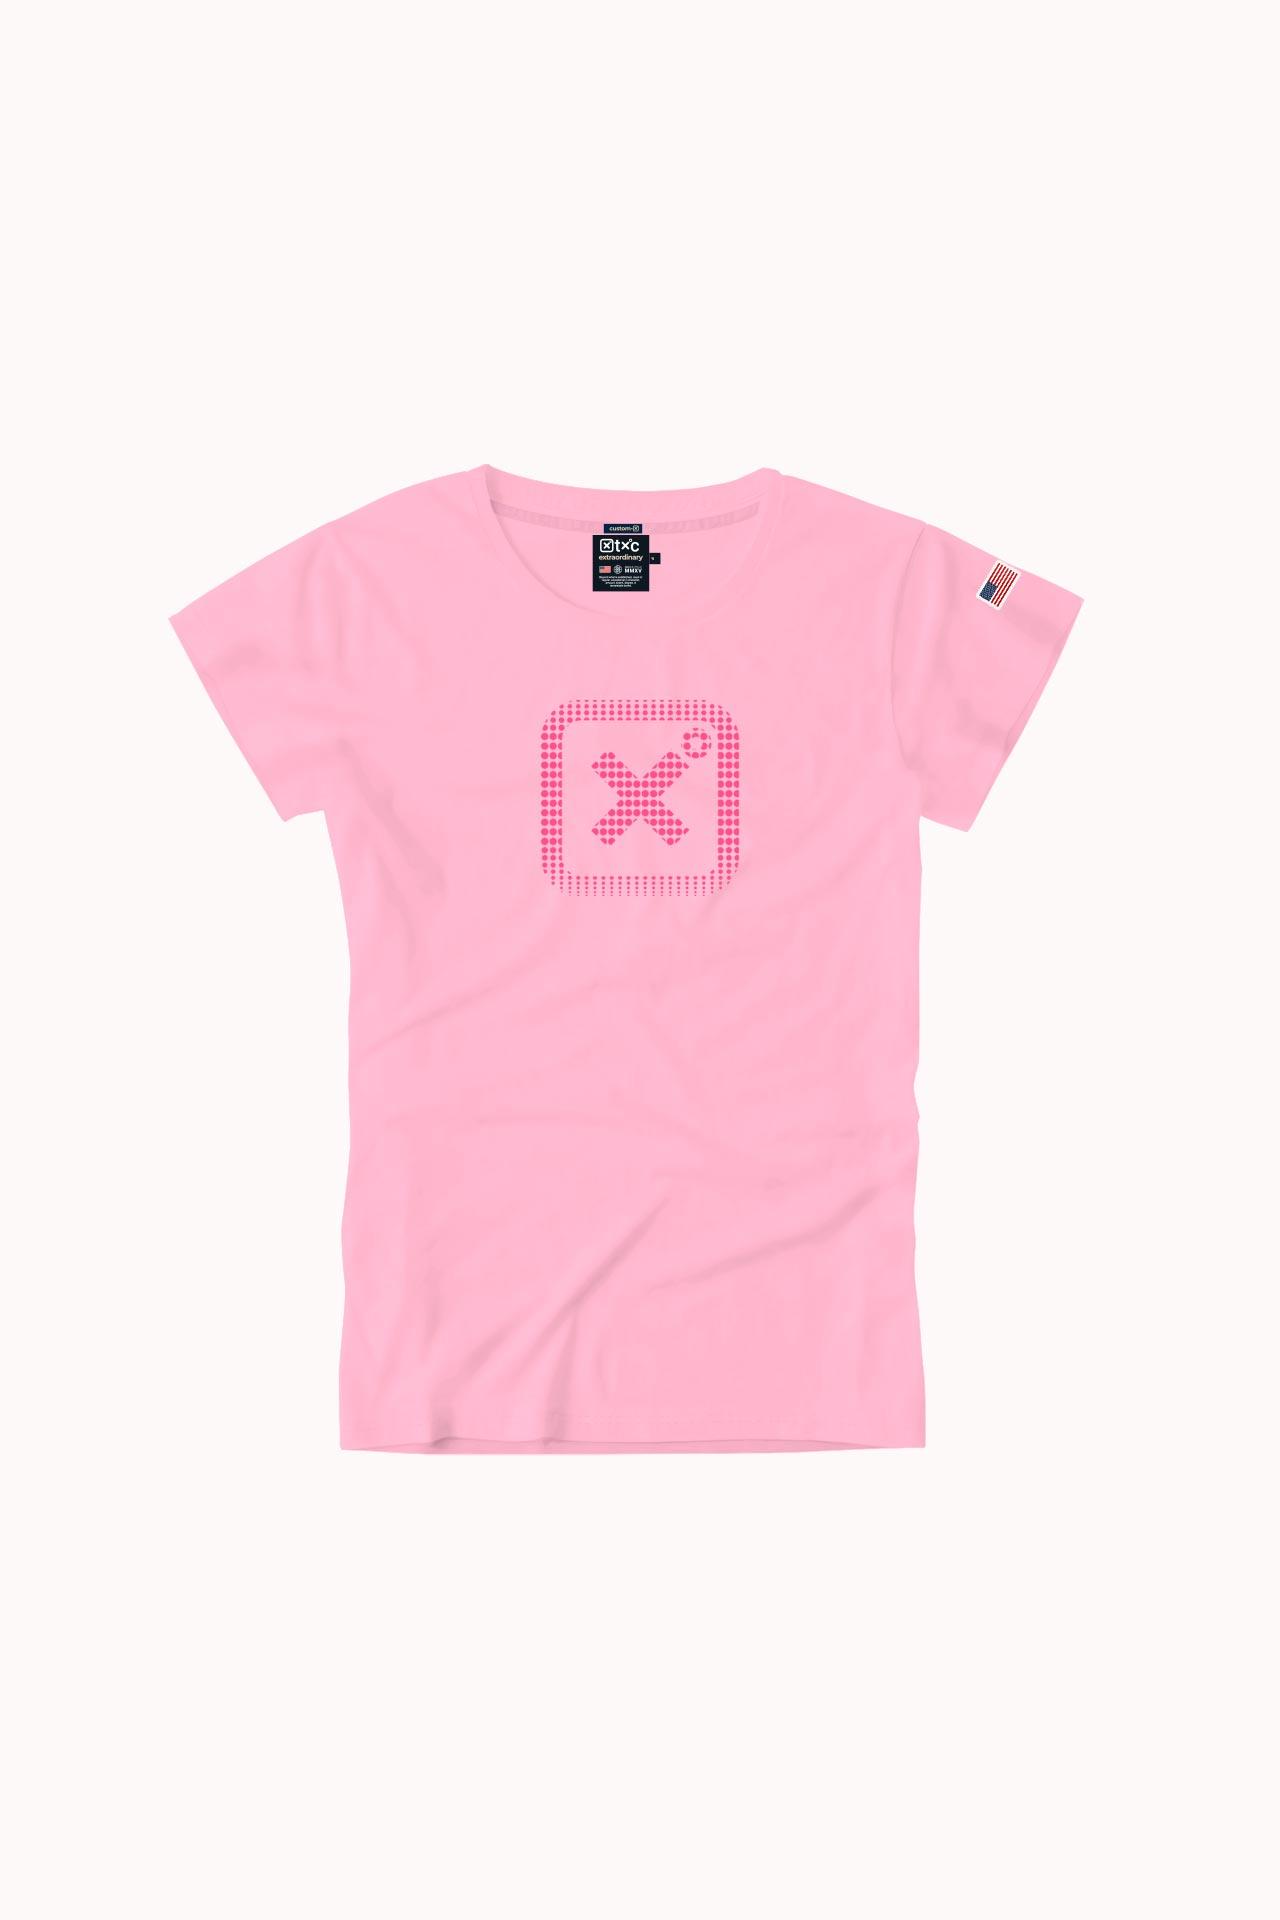 Camiseta Feminina TXC 4900